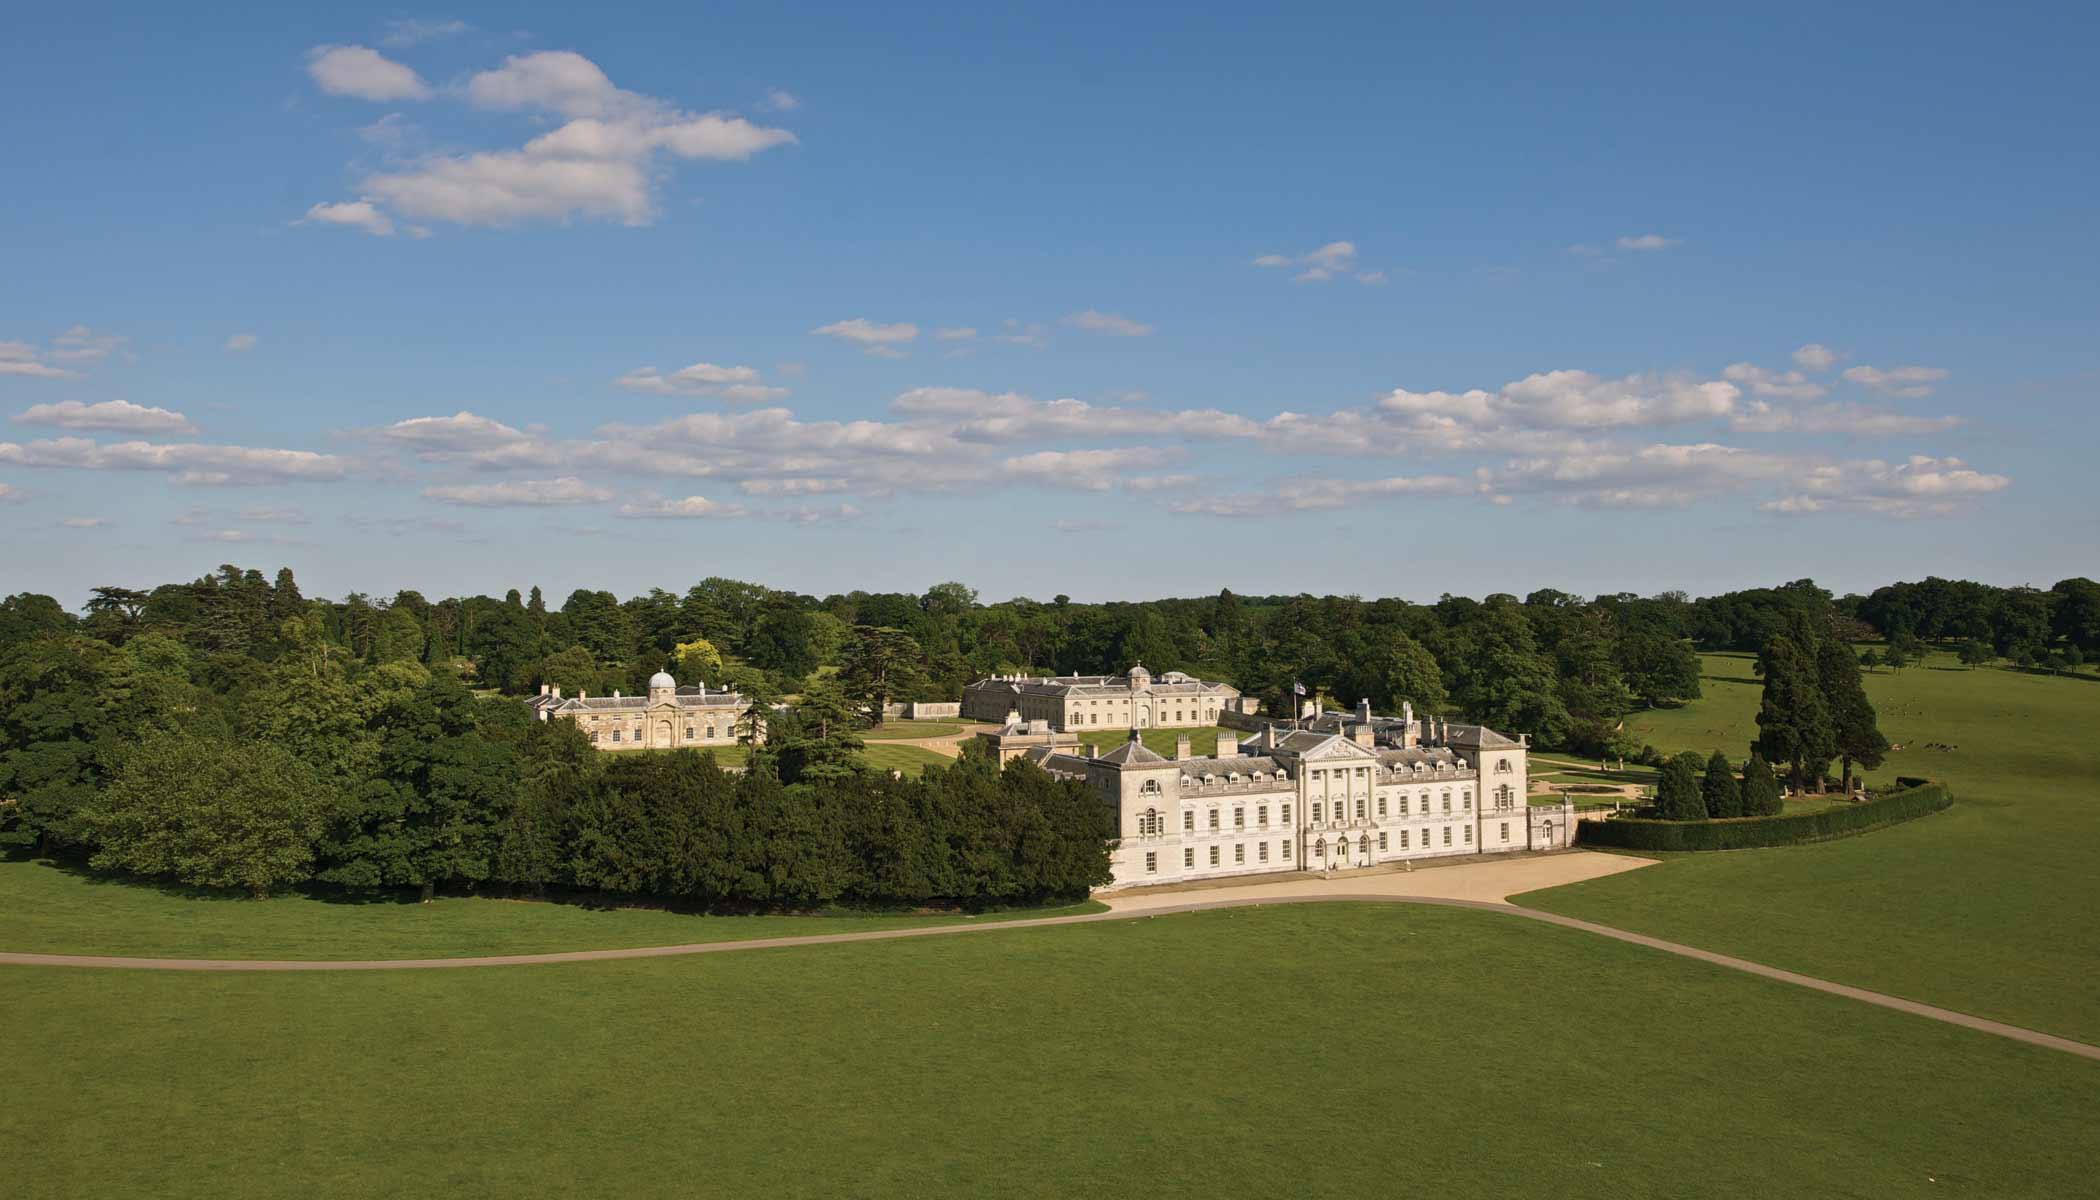 Image: Woburn Abbey